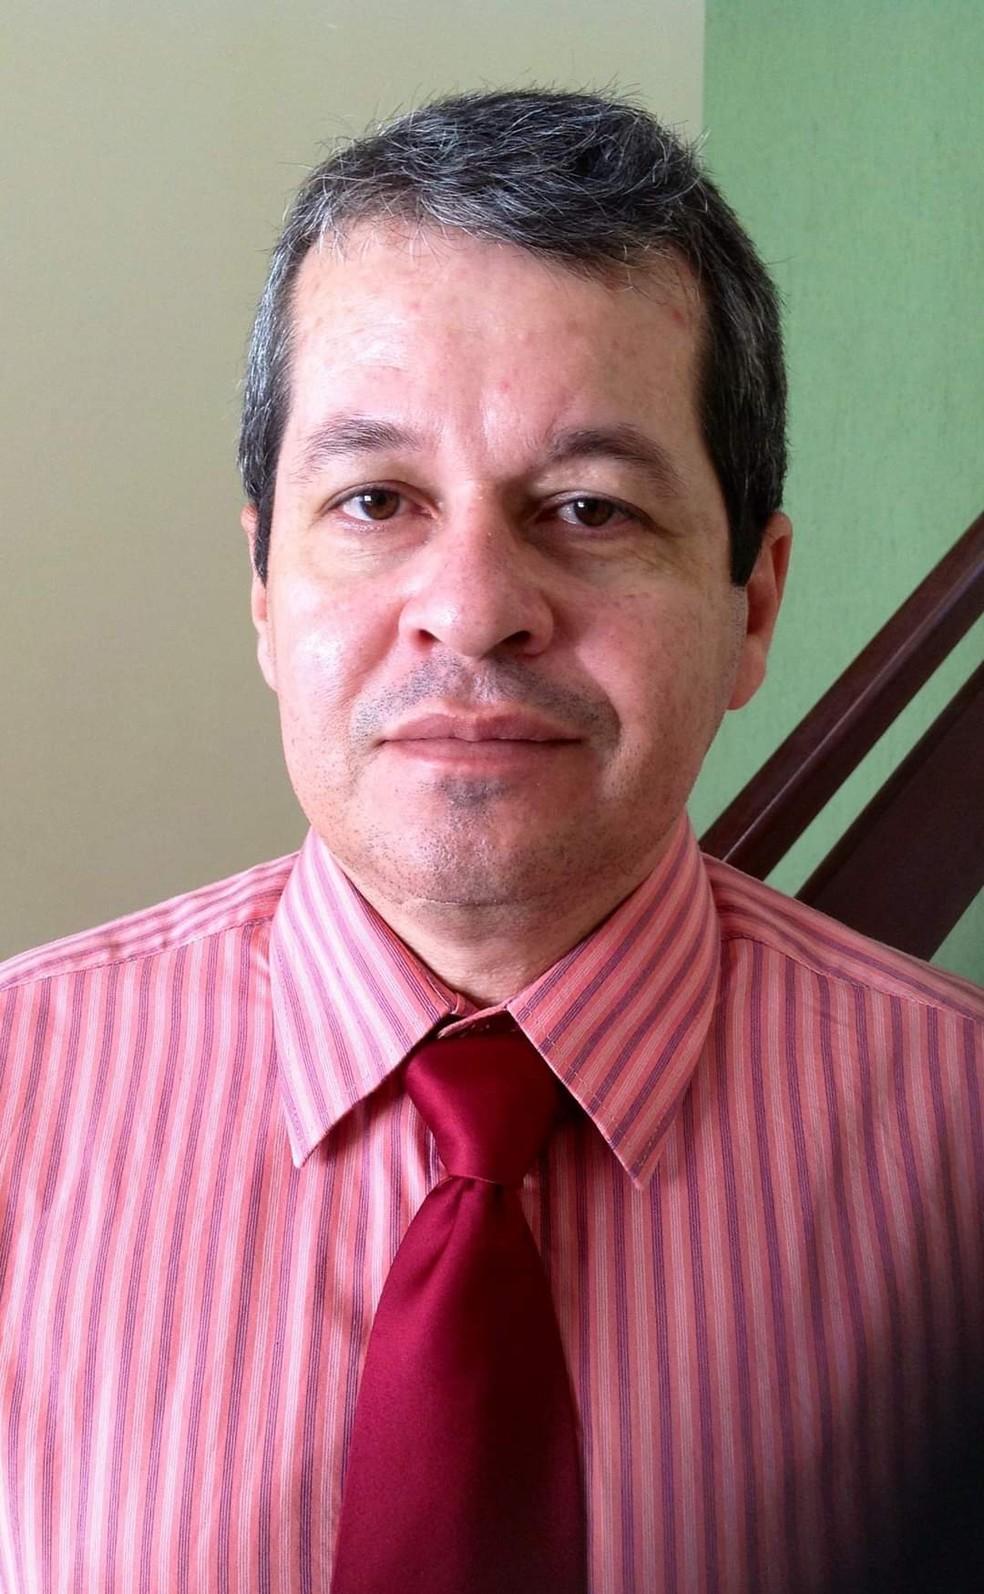 O médico George Gonzaga Bezerra, de 55 anos, morreu nesta quarta-feira (12) com diagnóstico de Covid-19 em Natal — Foto: Cedida